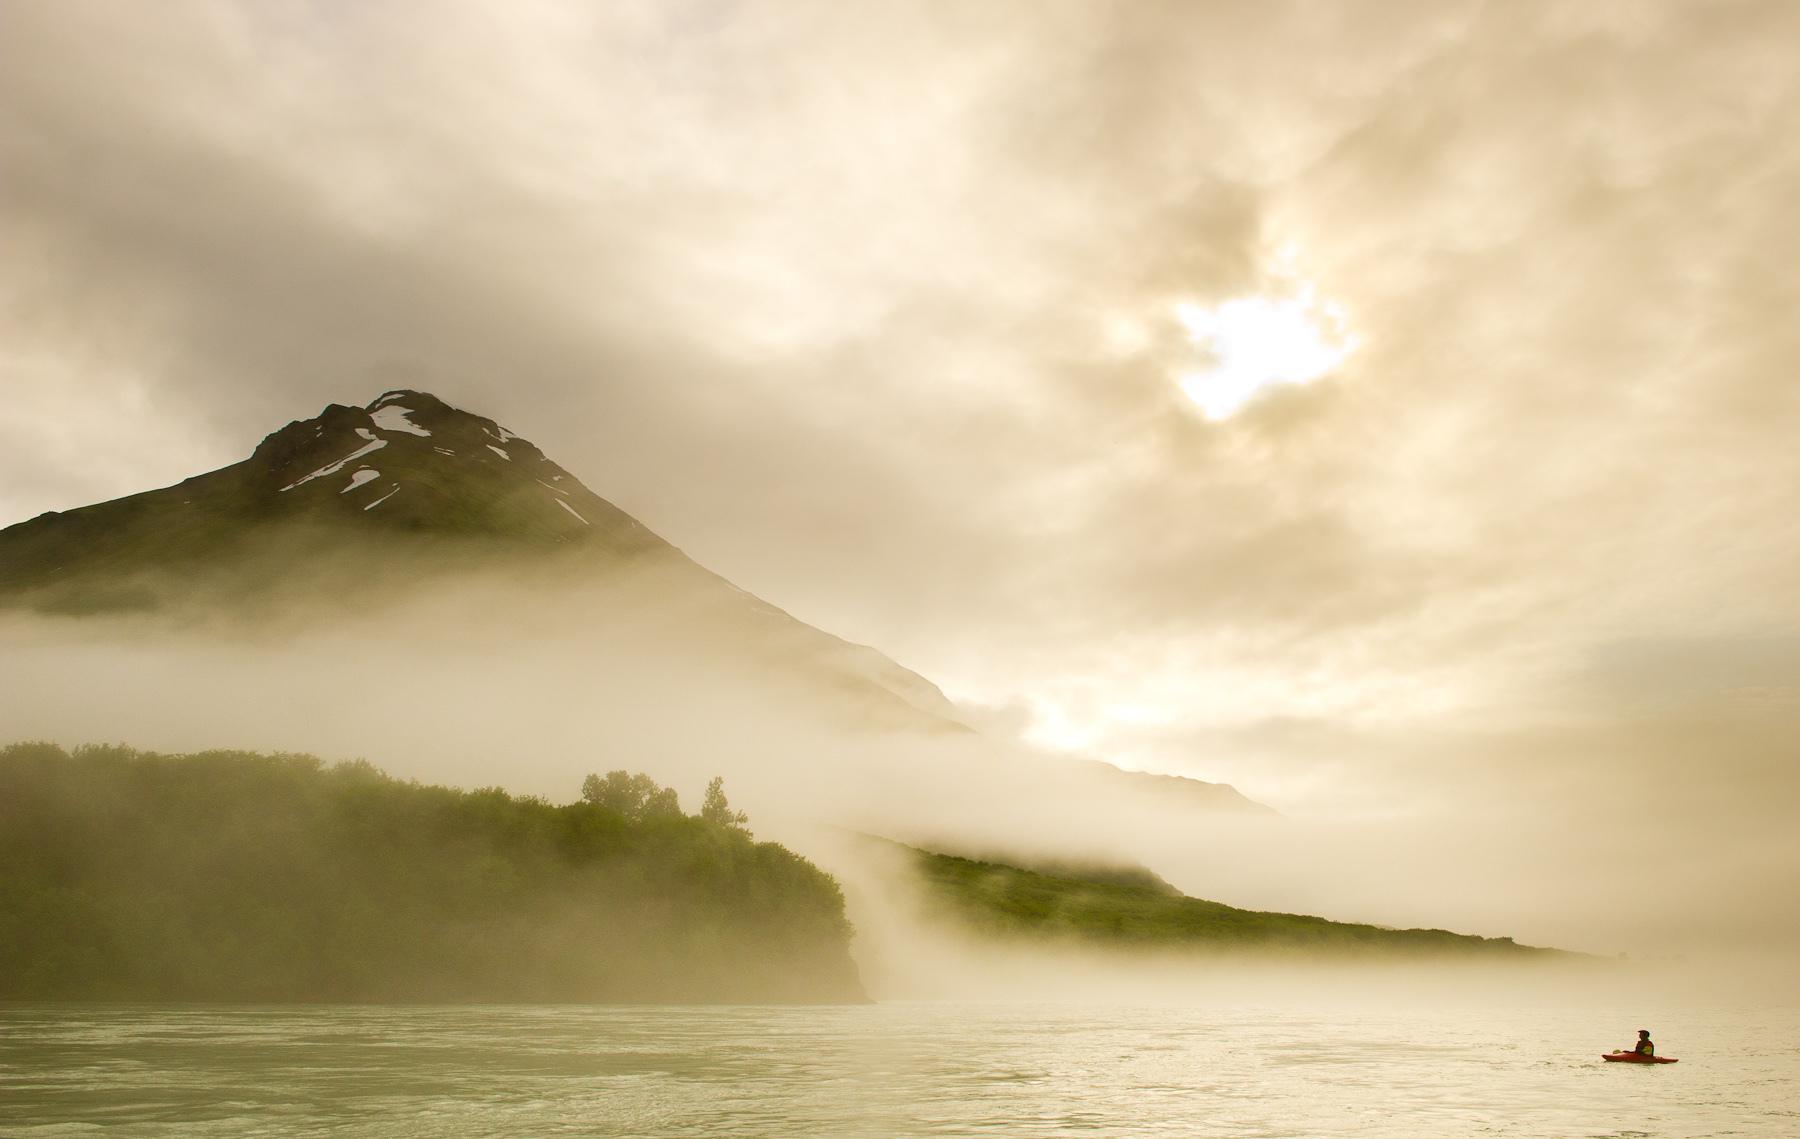 Kayaker engulfed in Marine Fog on the Alsek River